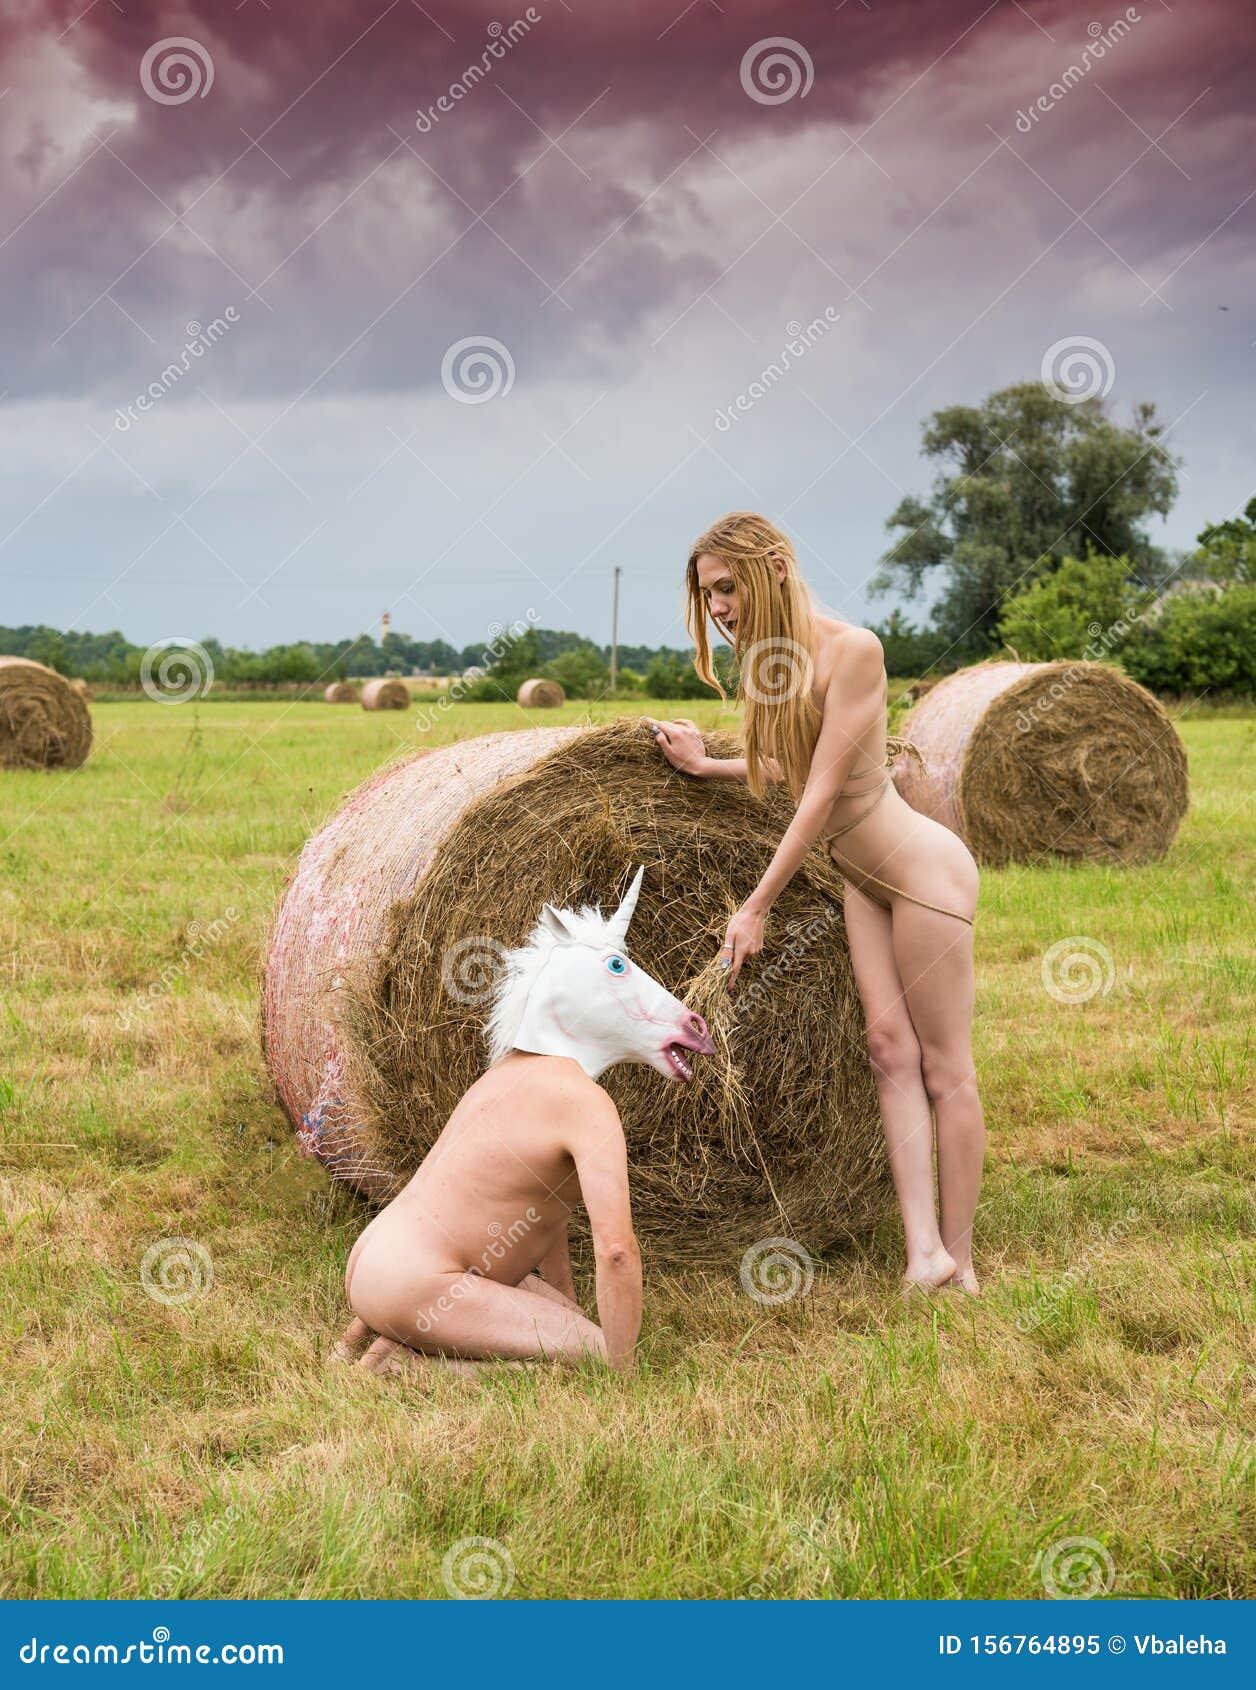 Frauen bilder blonde nackte Amateur nackte